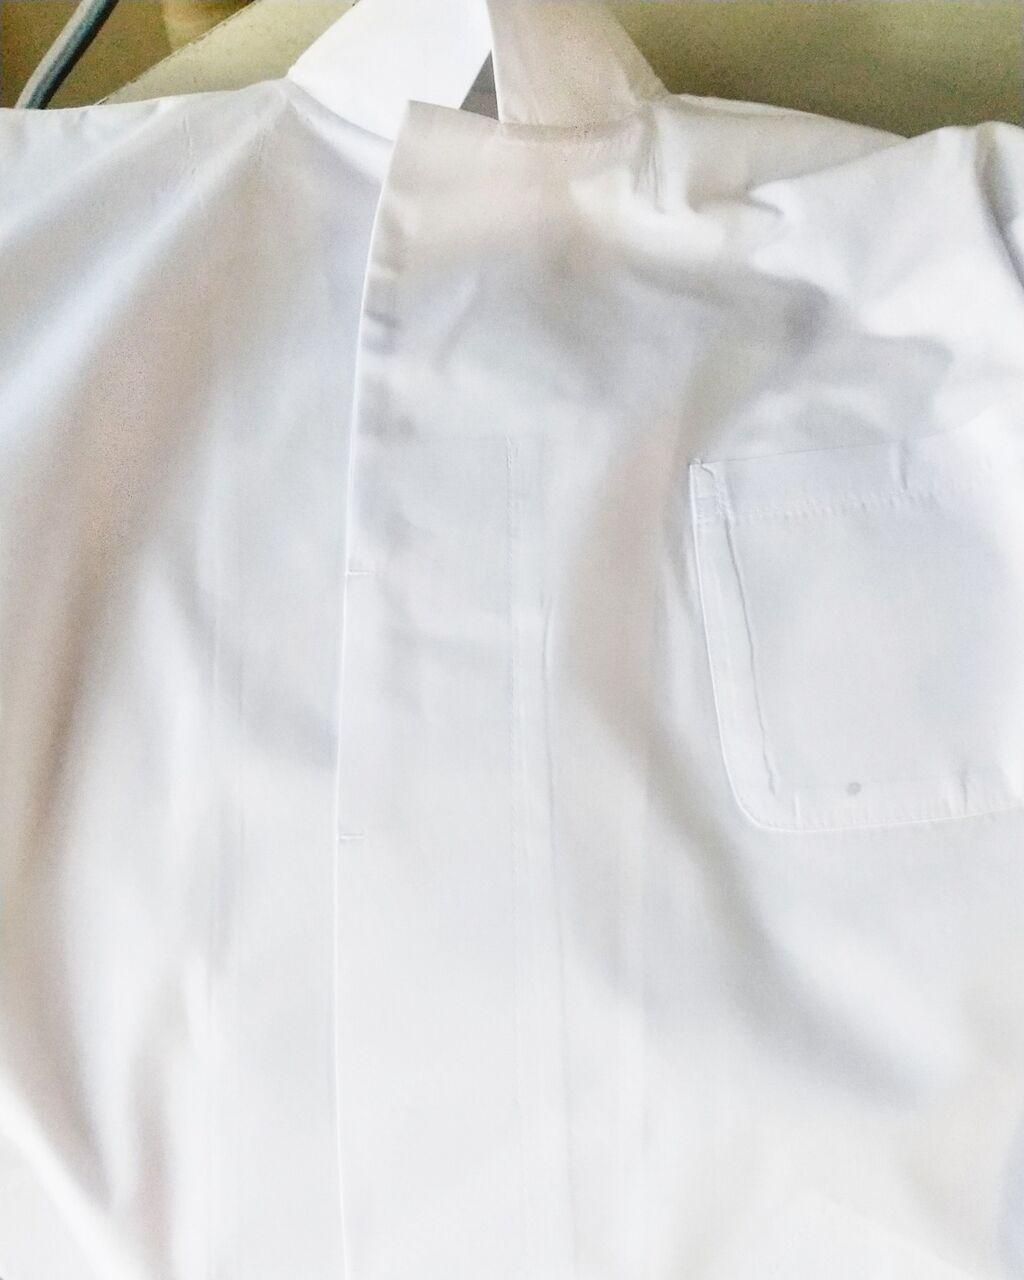 衛生的。 : 洗濯屋【大山クリーニング】ブログ